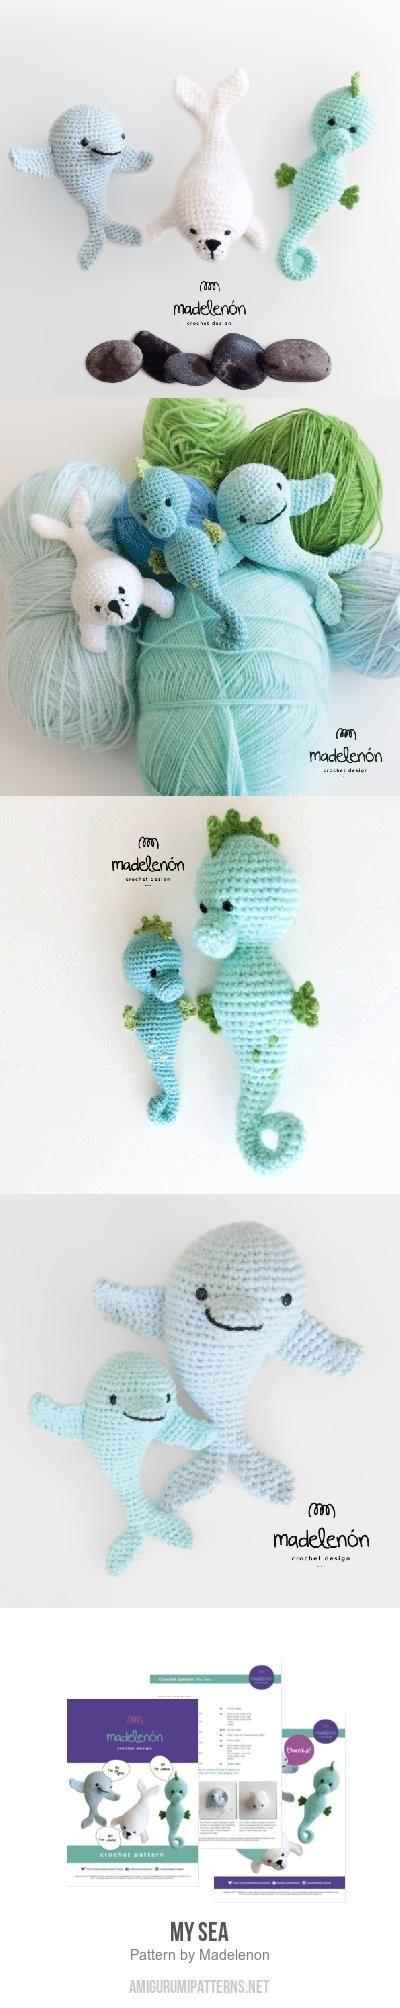 My Sea Amigurumi Pattern                                                                                                                                                                                 Más